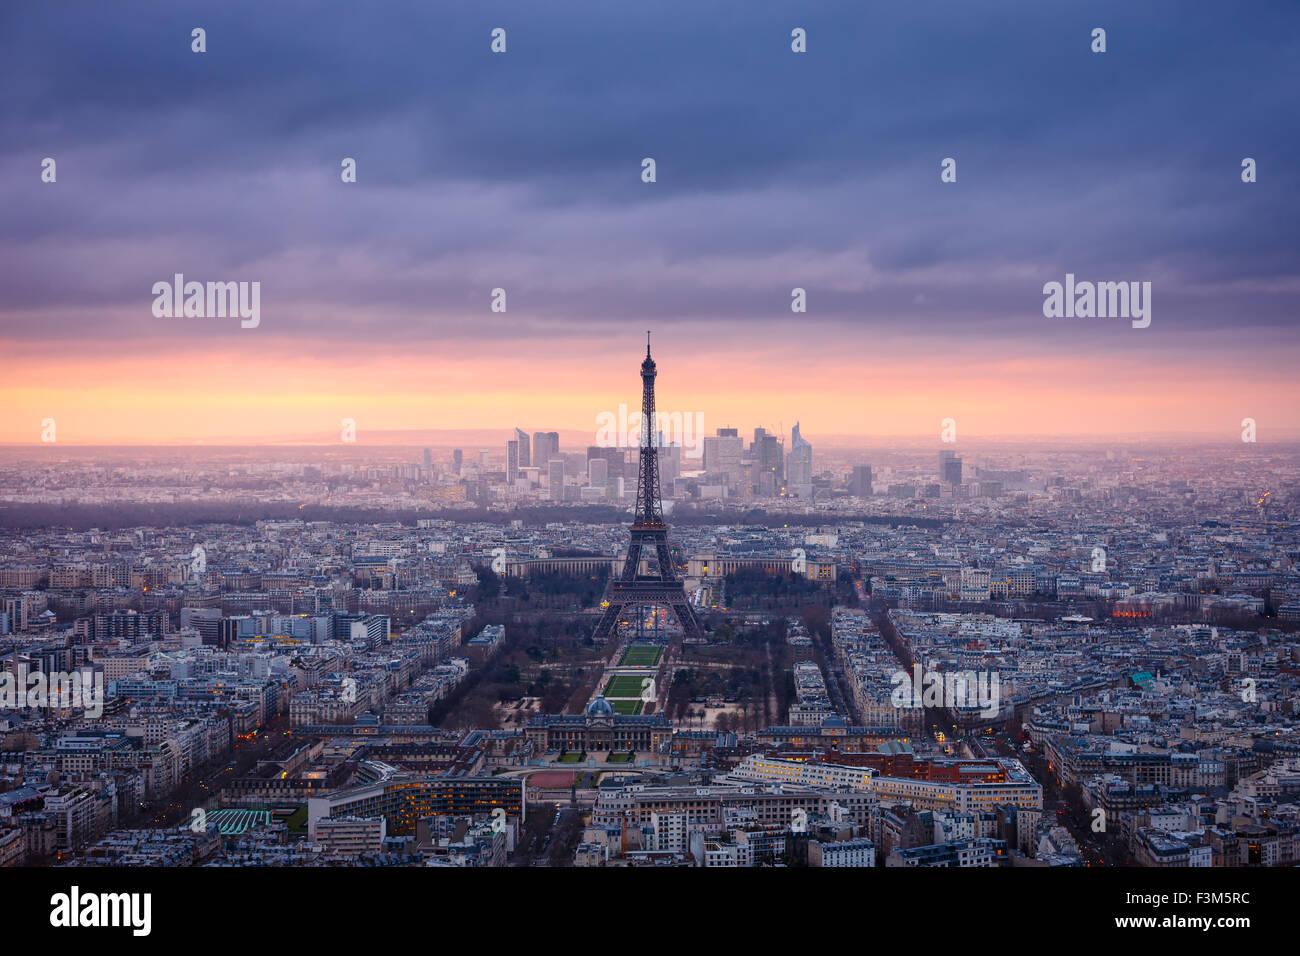 Paris-Stadt in der Abenddämmerung in rosa gekleidet. Luftaufnahme von Paris und den Eiffelturm, Champ de Mars, Stockbild